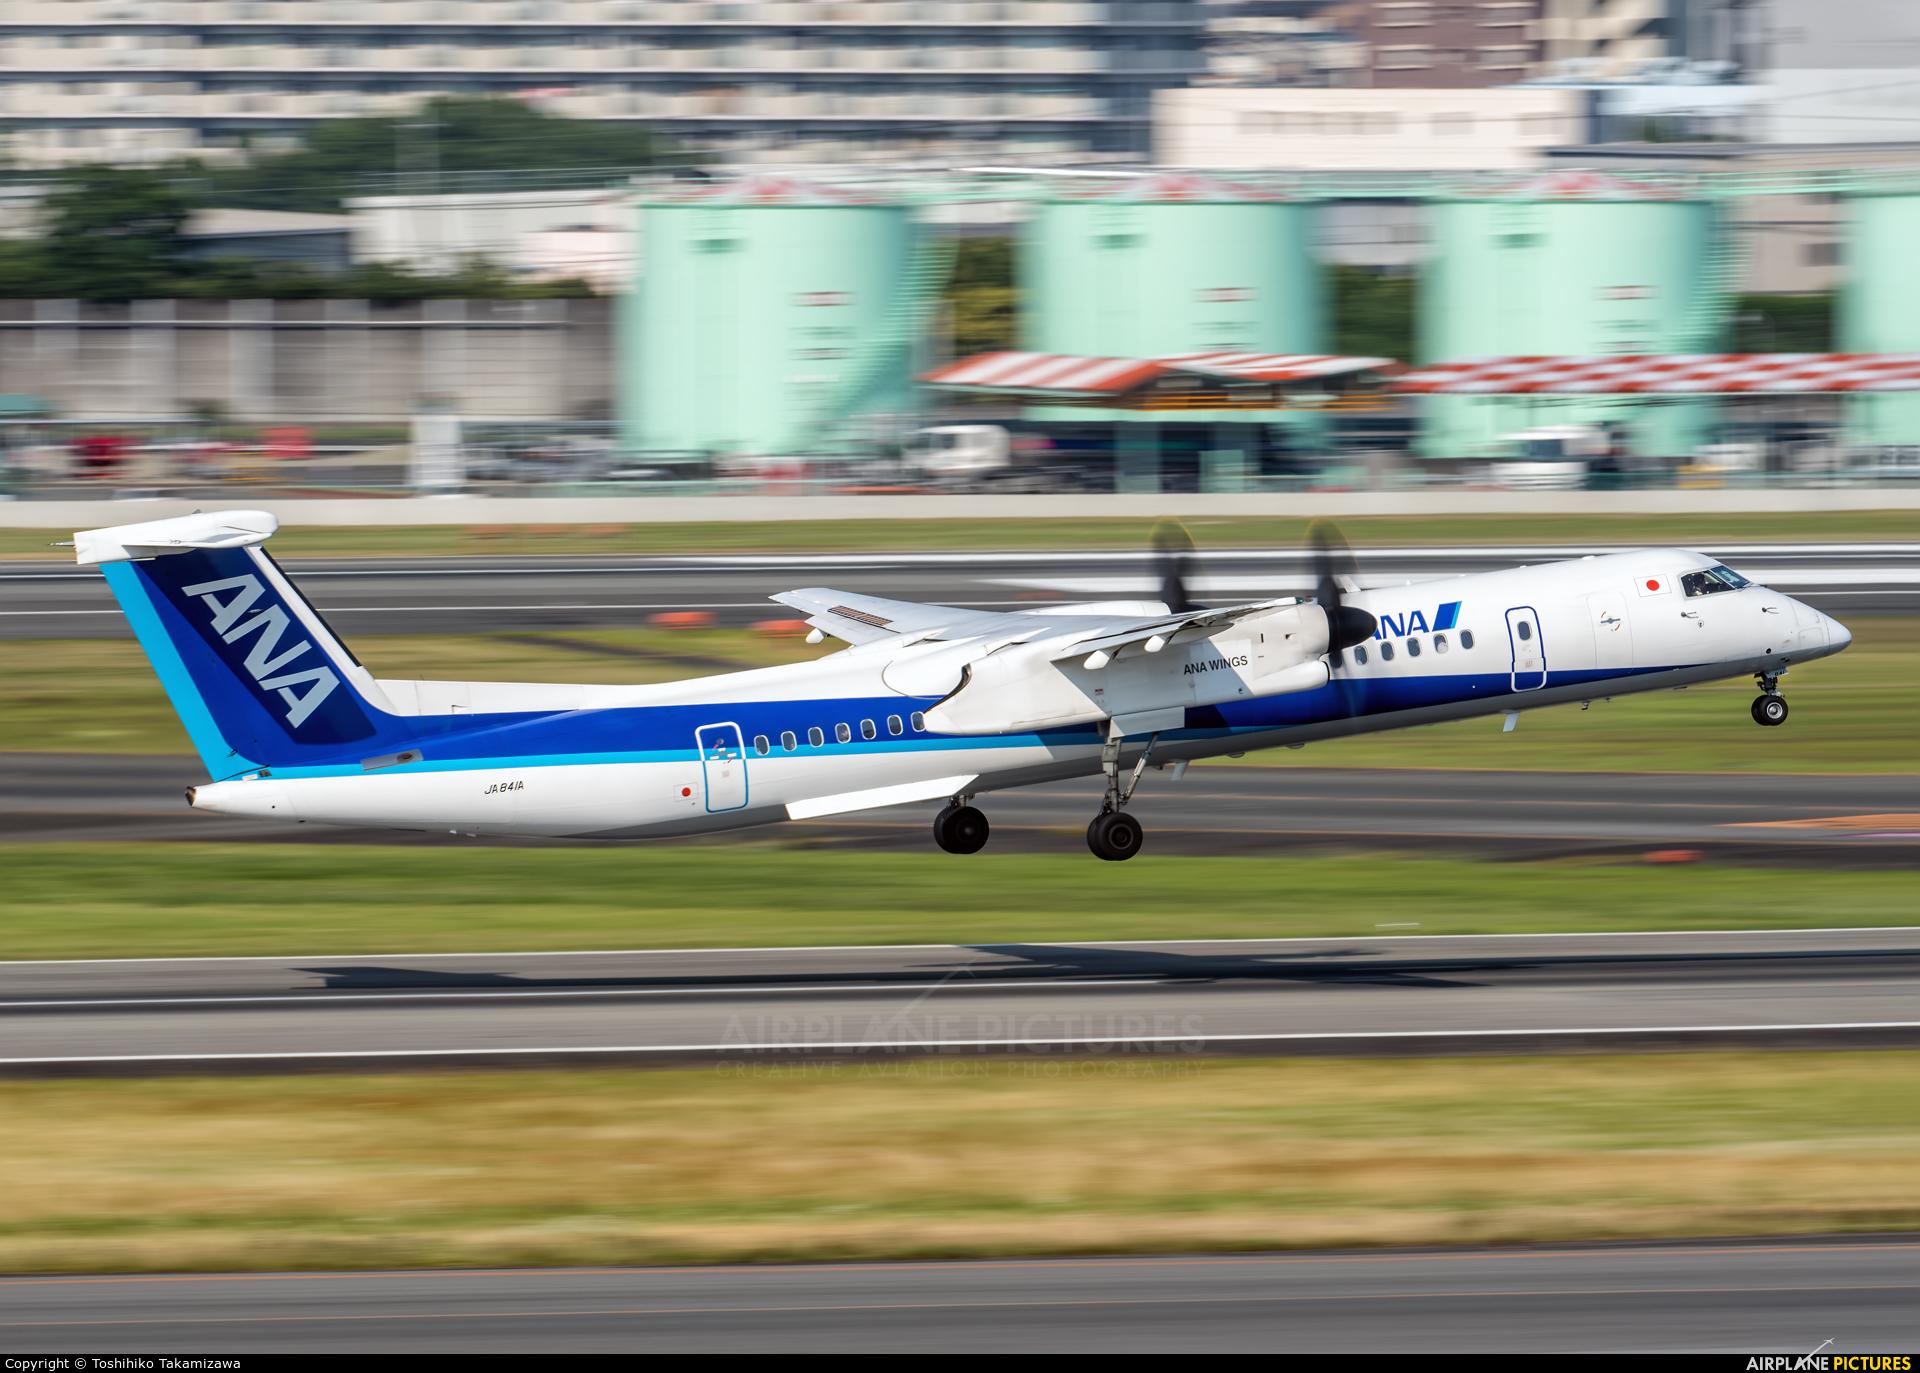 ANA Wings JA841A aircraft at Osaka - Itami Intl